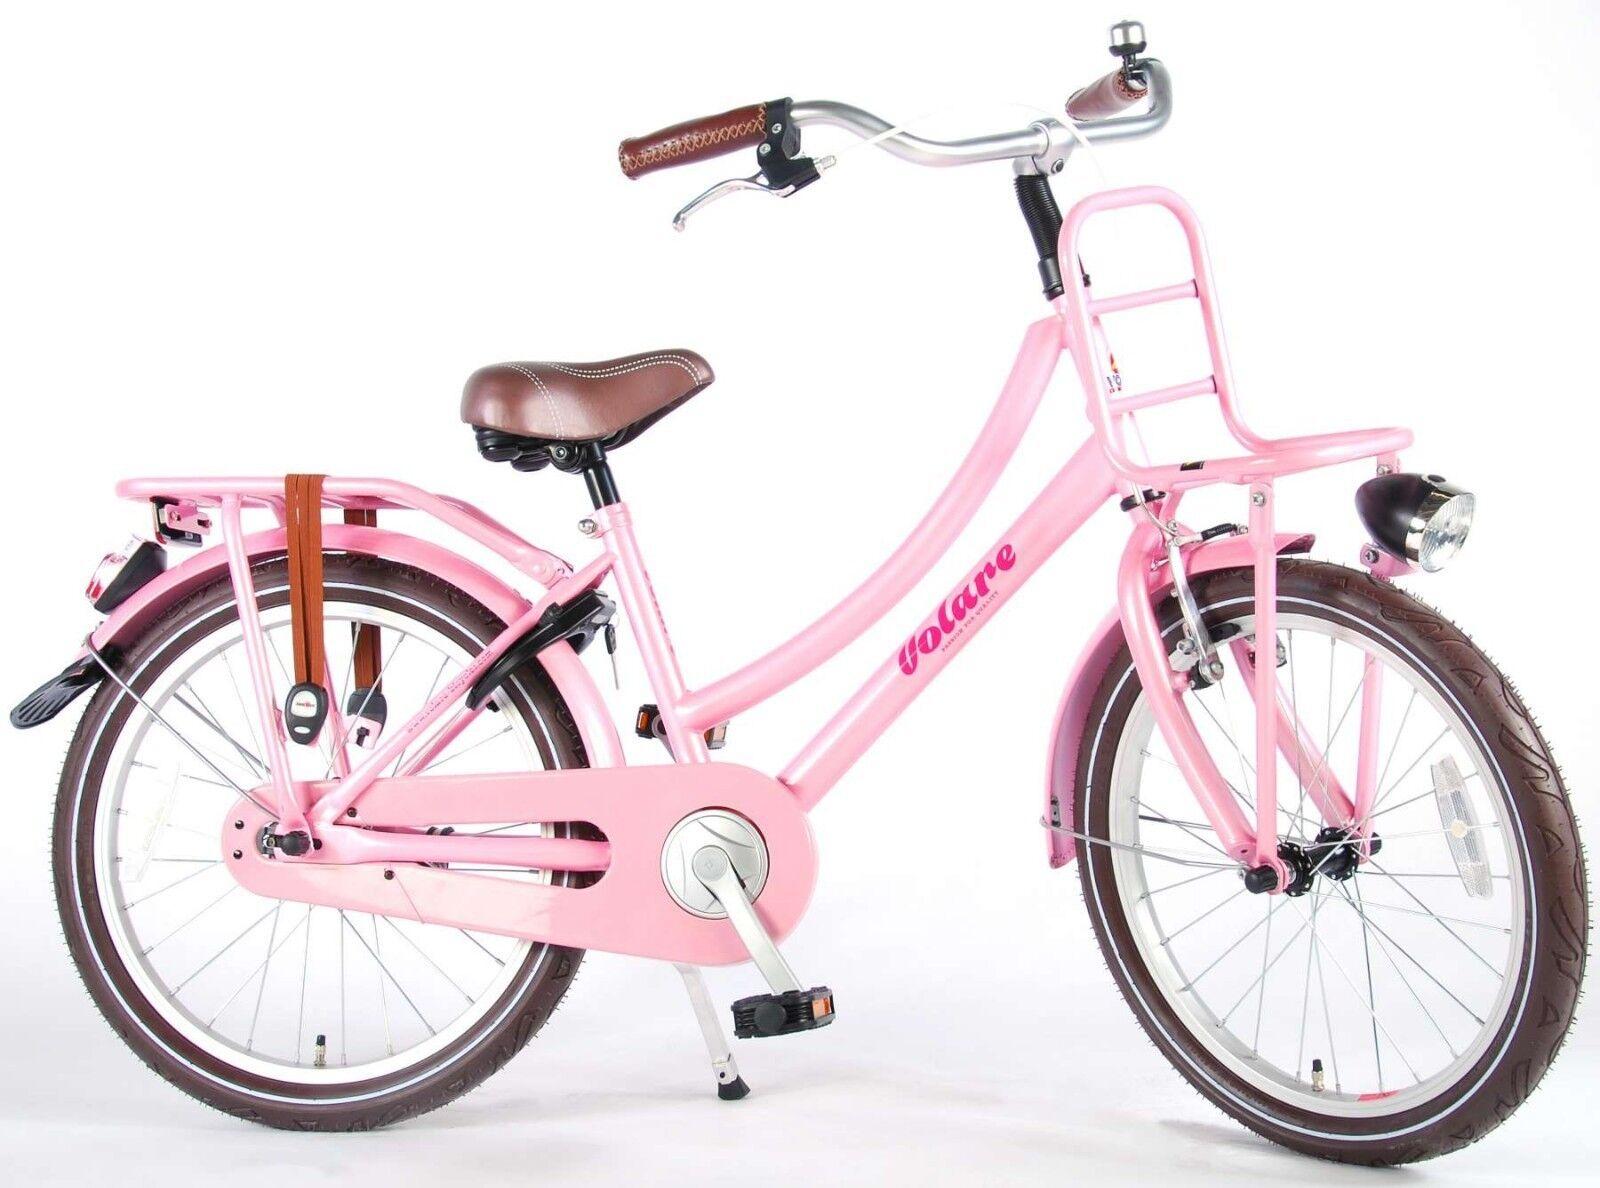 20 Zoll Fahrrad  Kinderfahrrad Mädchen  Kinder Rosa Rosa Hollandrad